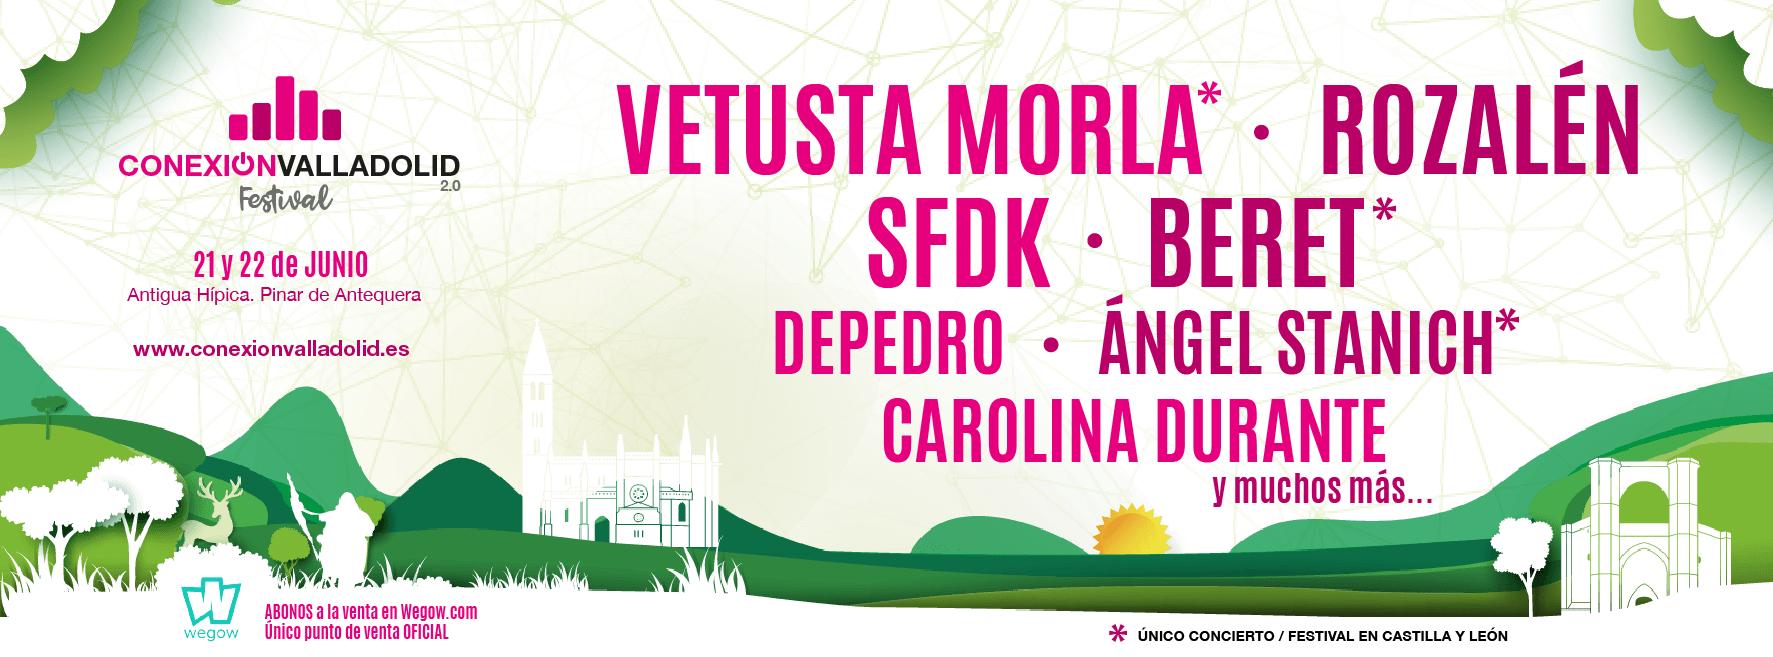 Nuevas confirmaciones para Conexión Valladolid Festival